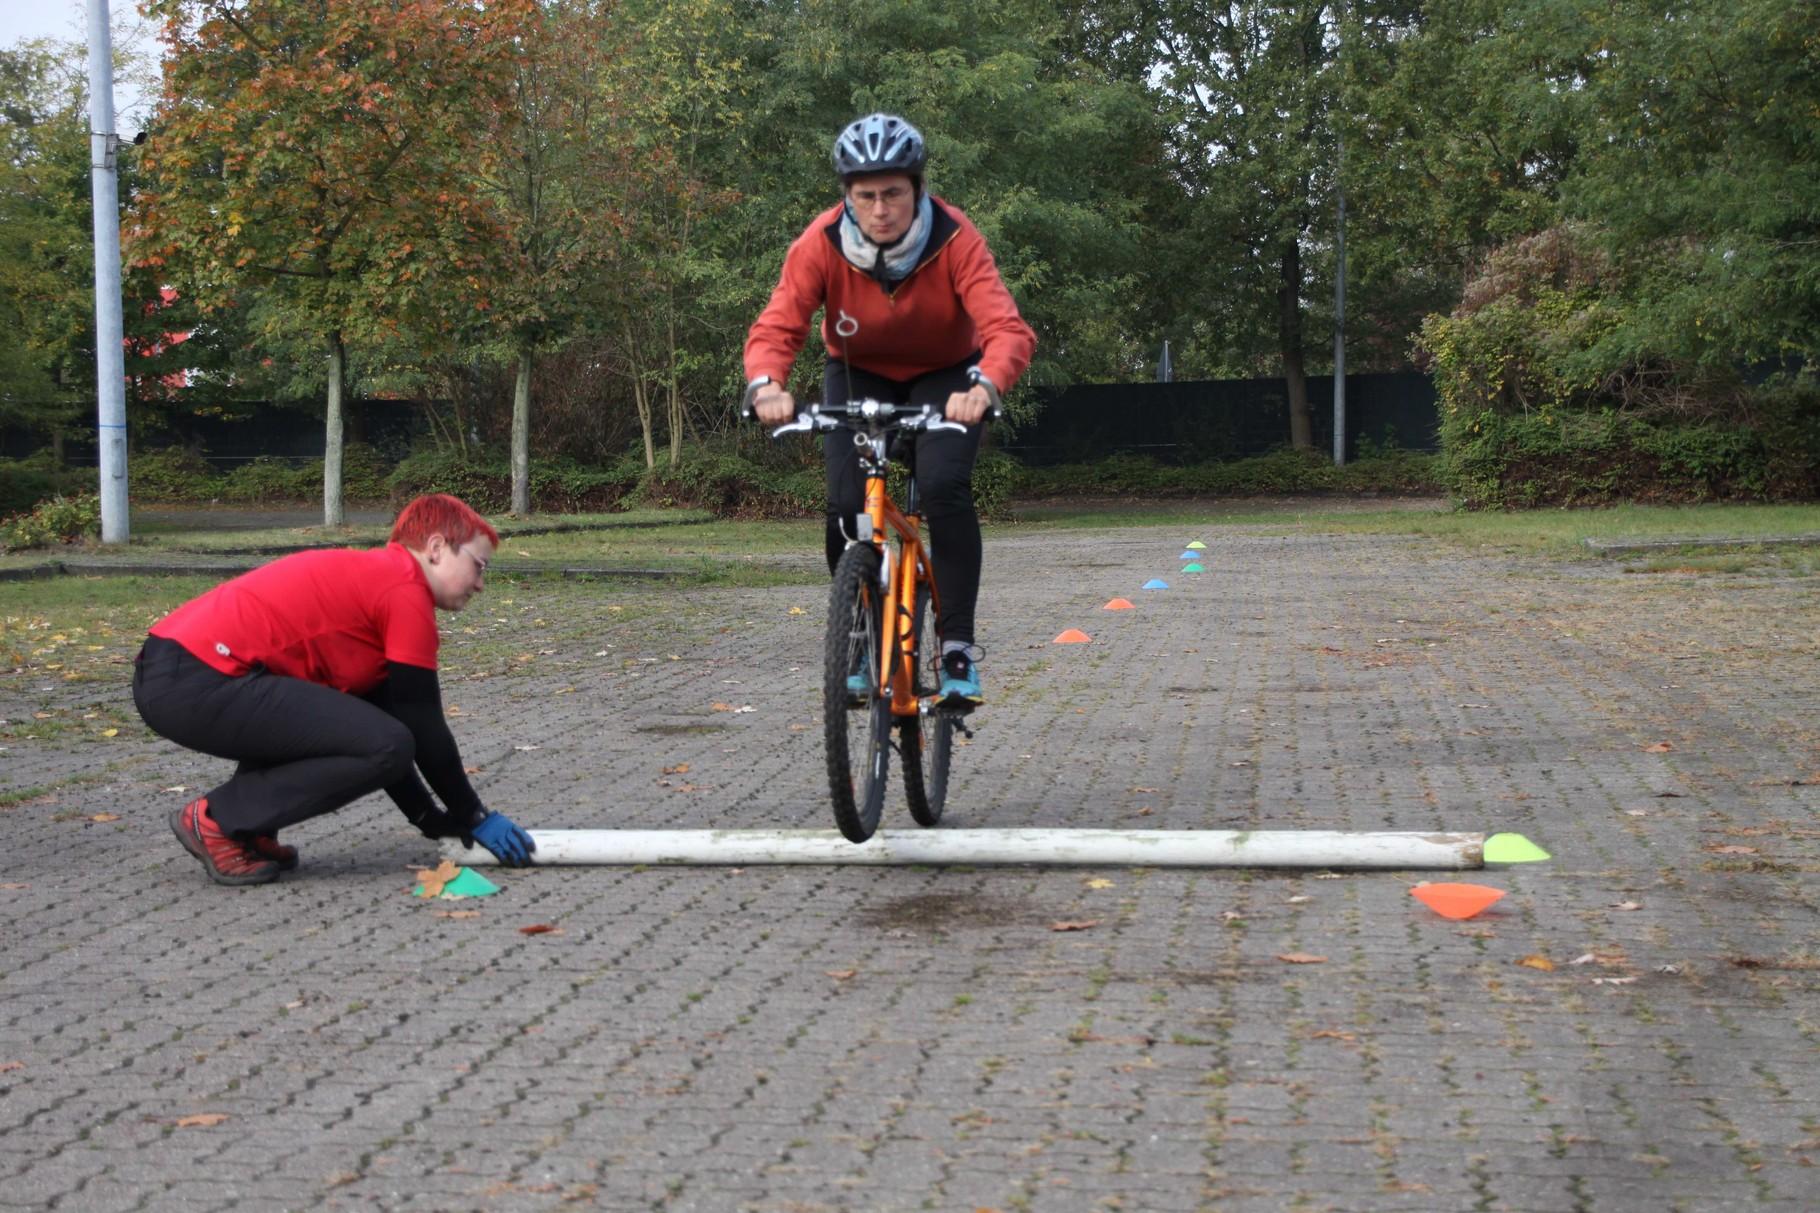 Rennvorbereitungen - über Hindernisse hinweg